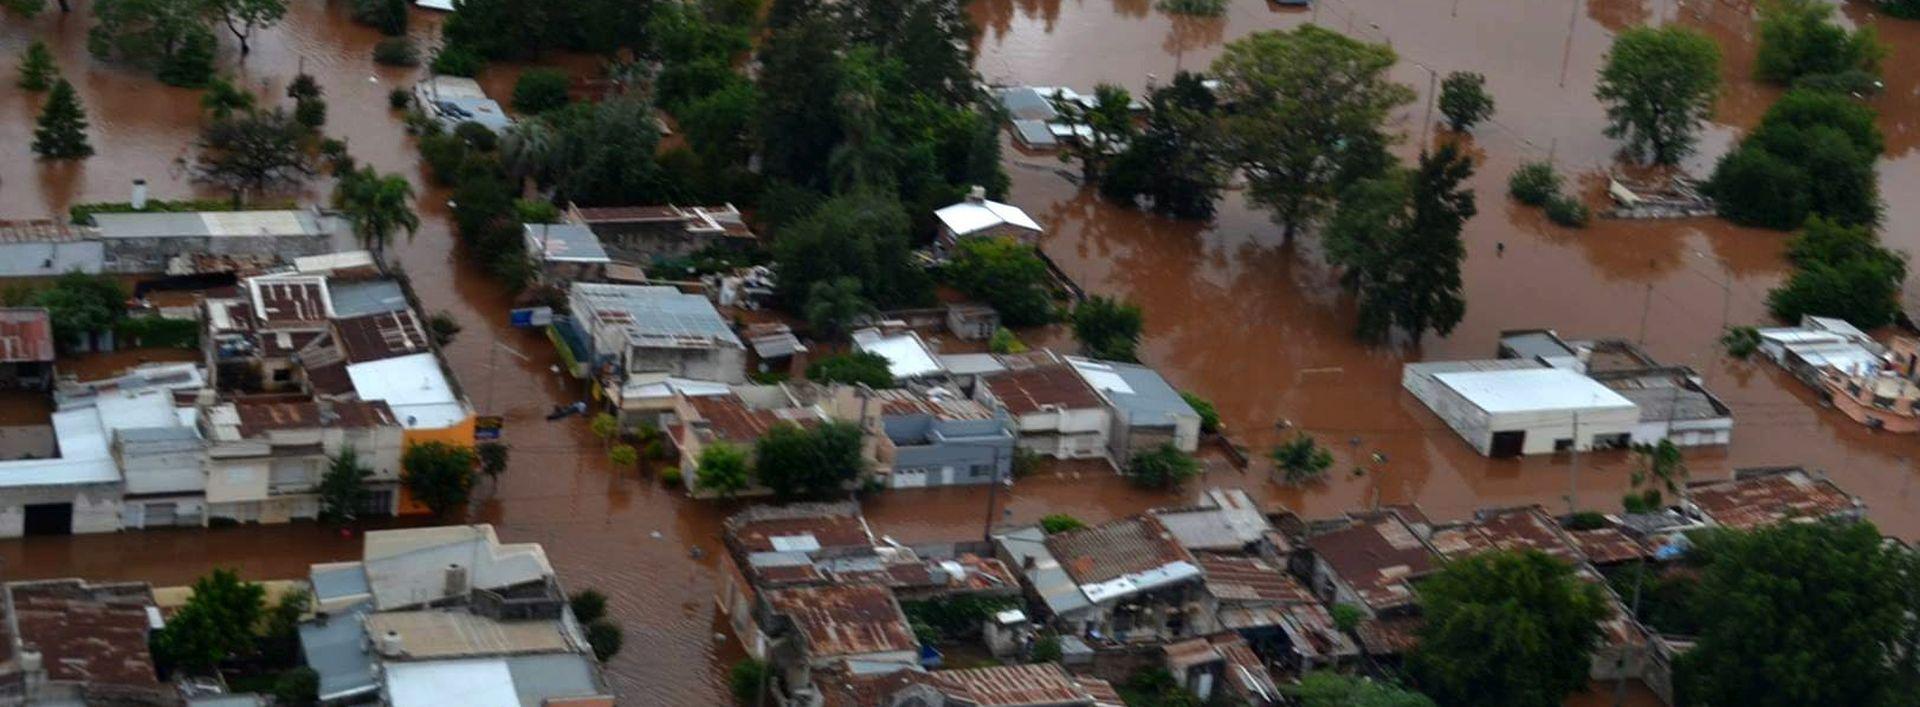 EL NINO: Najmanje osam osoba izgubilo život u poplavama u Južnoj Americi